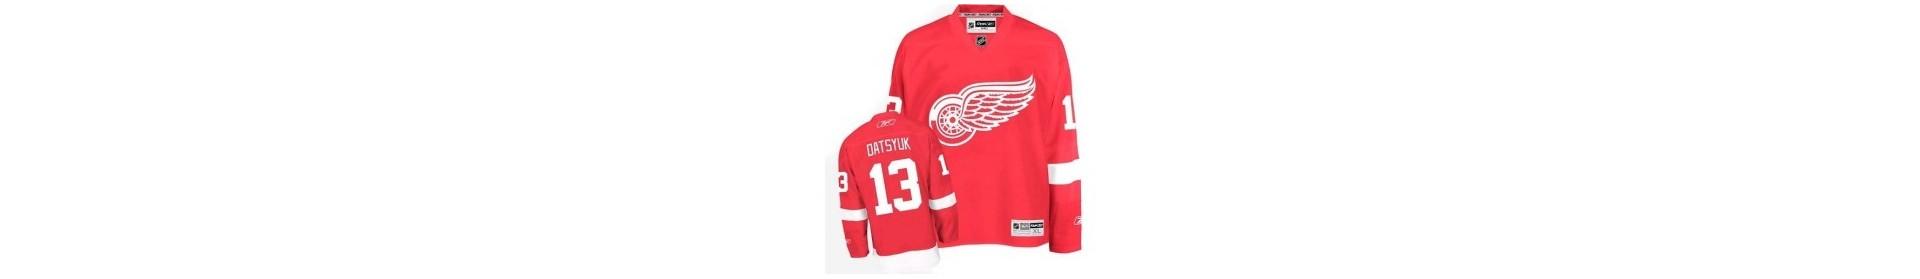 Textile NHL Officiel - Le Vestiaire